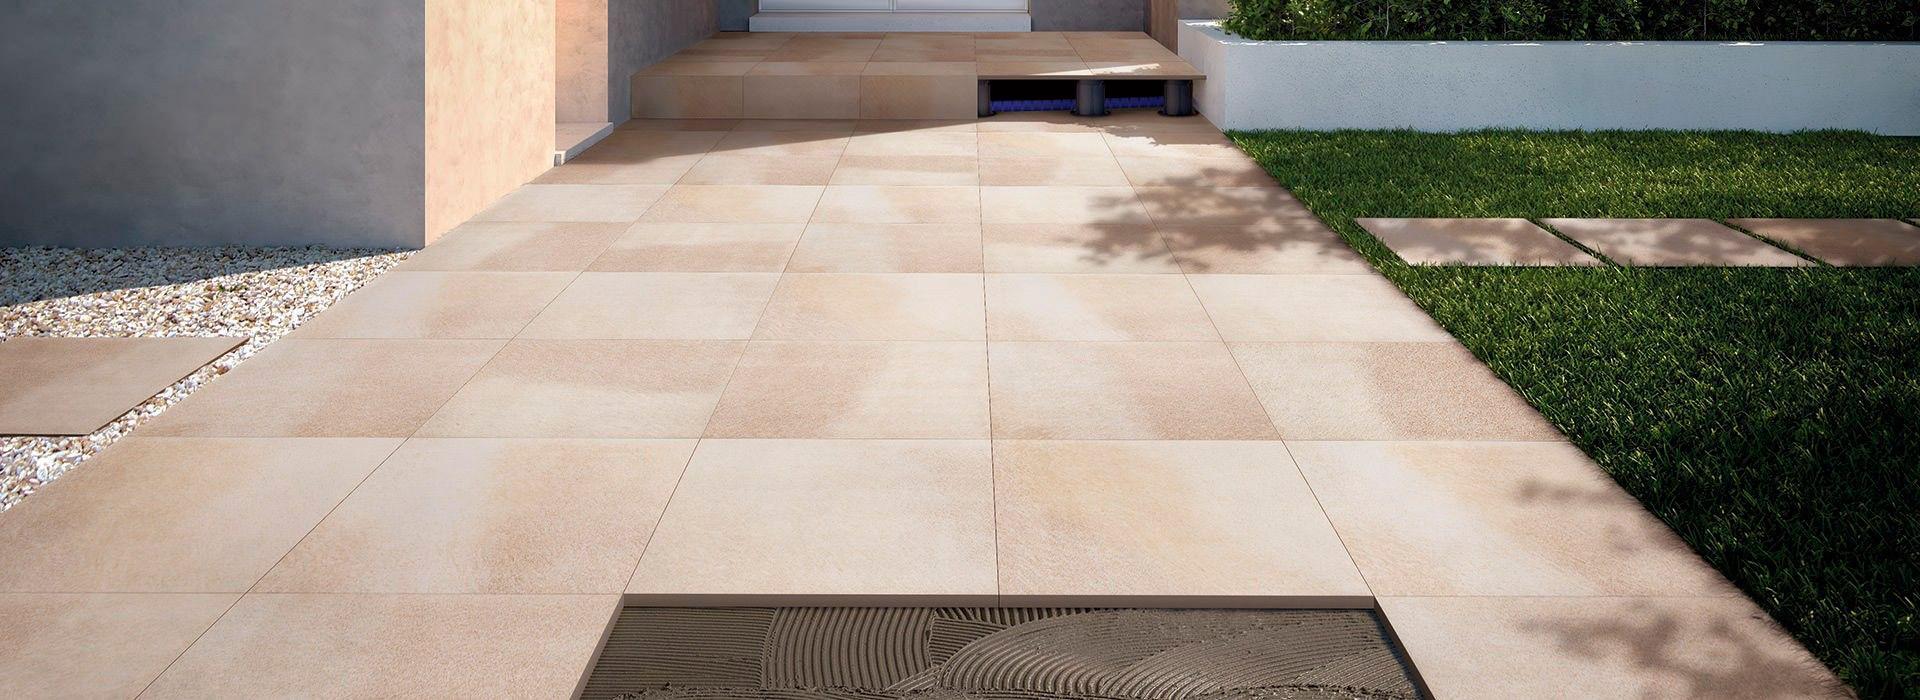 Pavimentazioni esterne piastrelle per pavimenti sopraelevati fmg fabbrica marmi e graniti - Piastrelle per facciate esterne ...